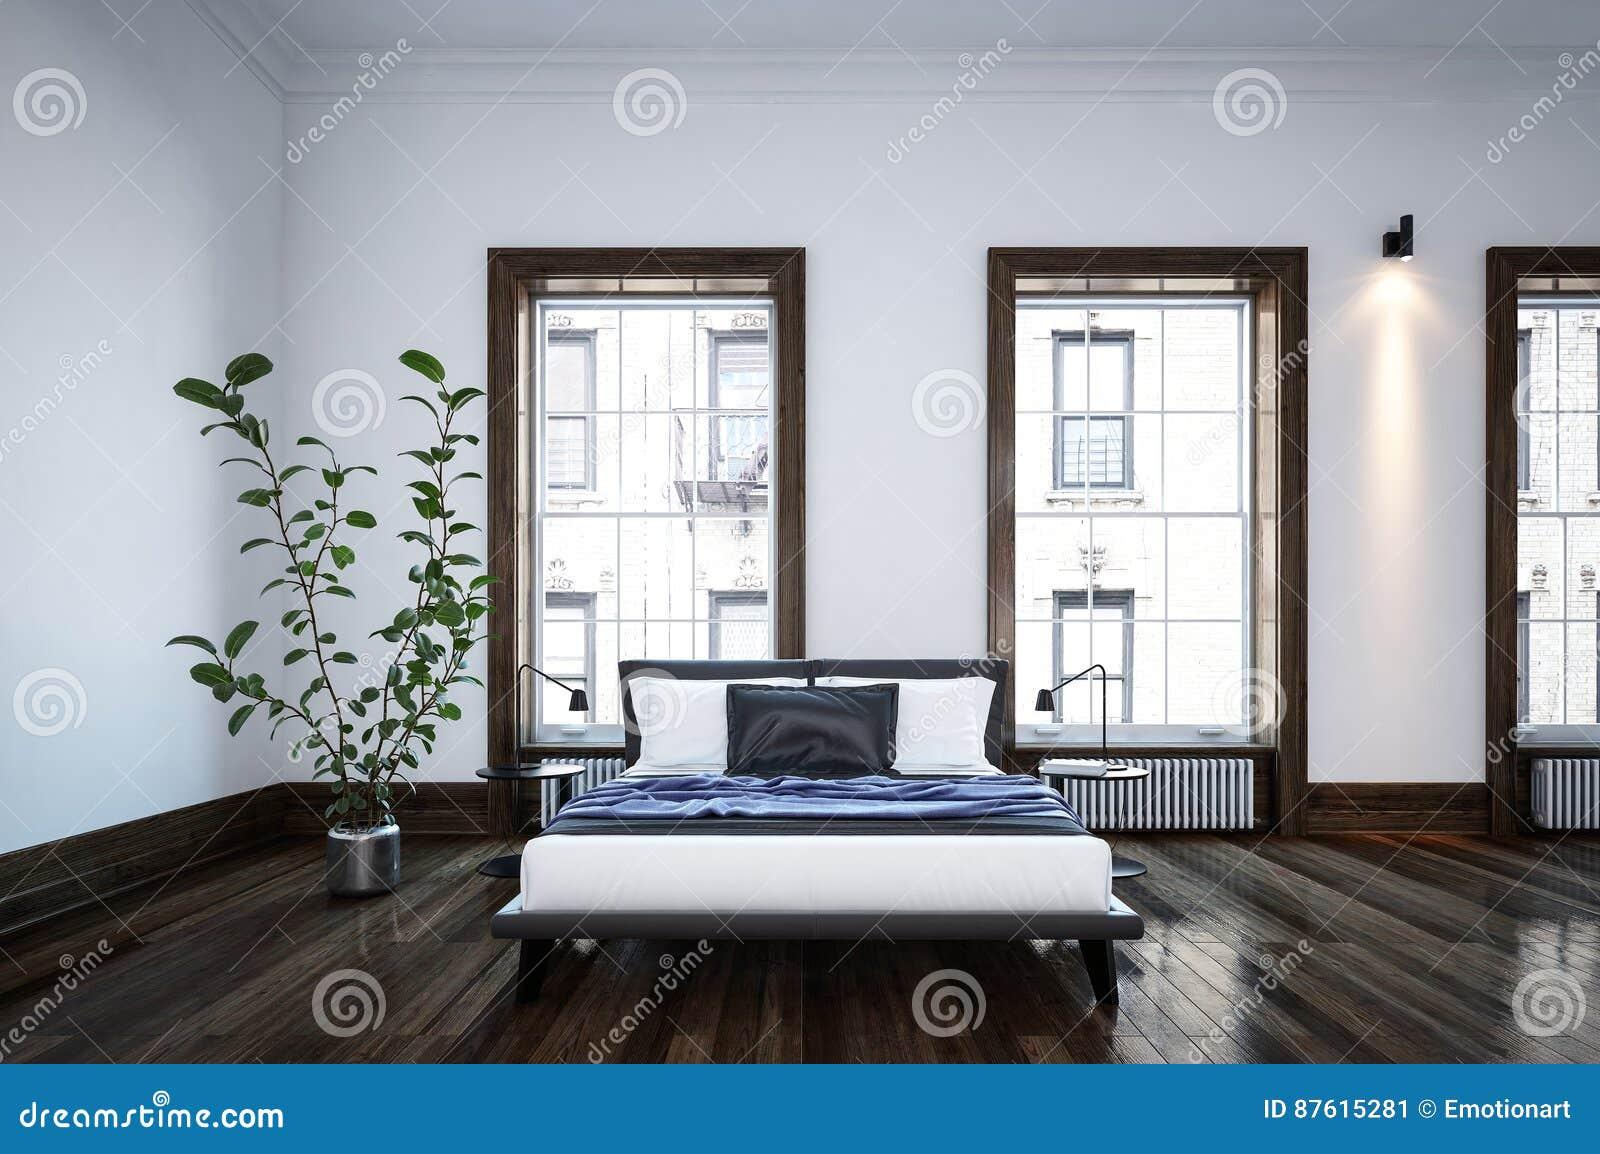 Camera Da Letto Bianco E Nero : Camera da letto in bianco e nero minimalista spaziosa ordinata